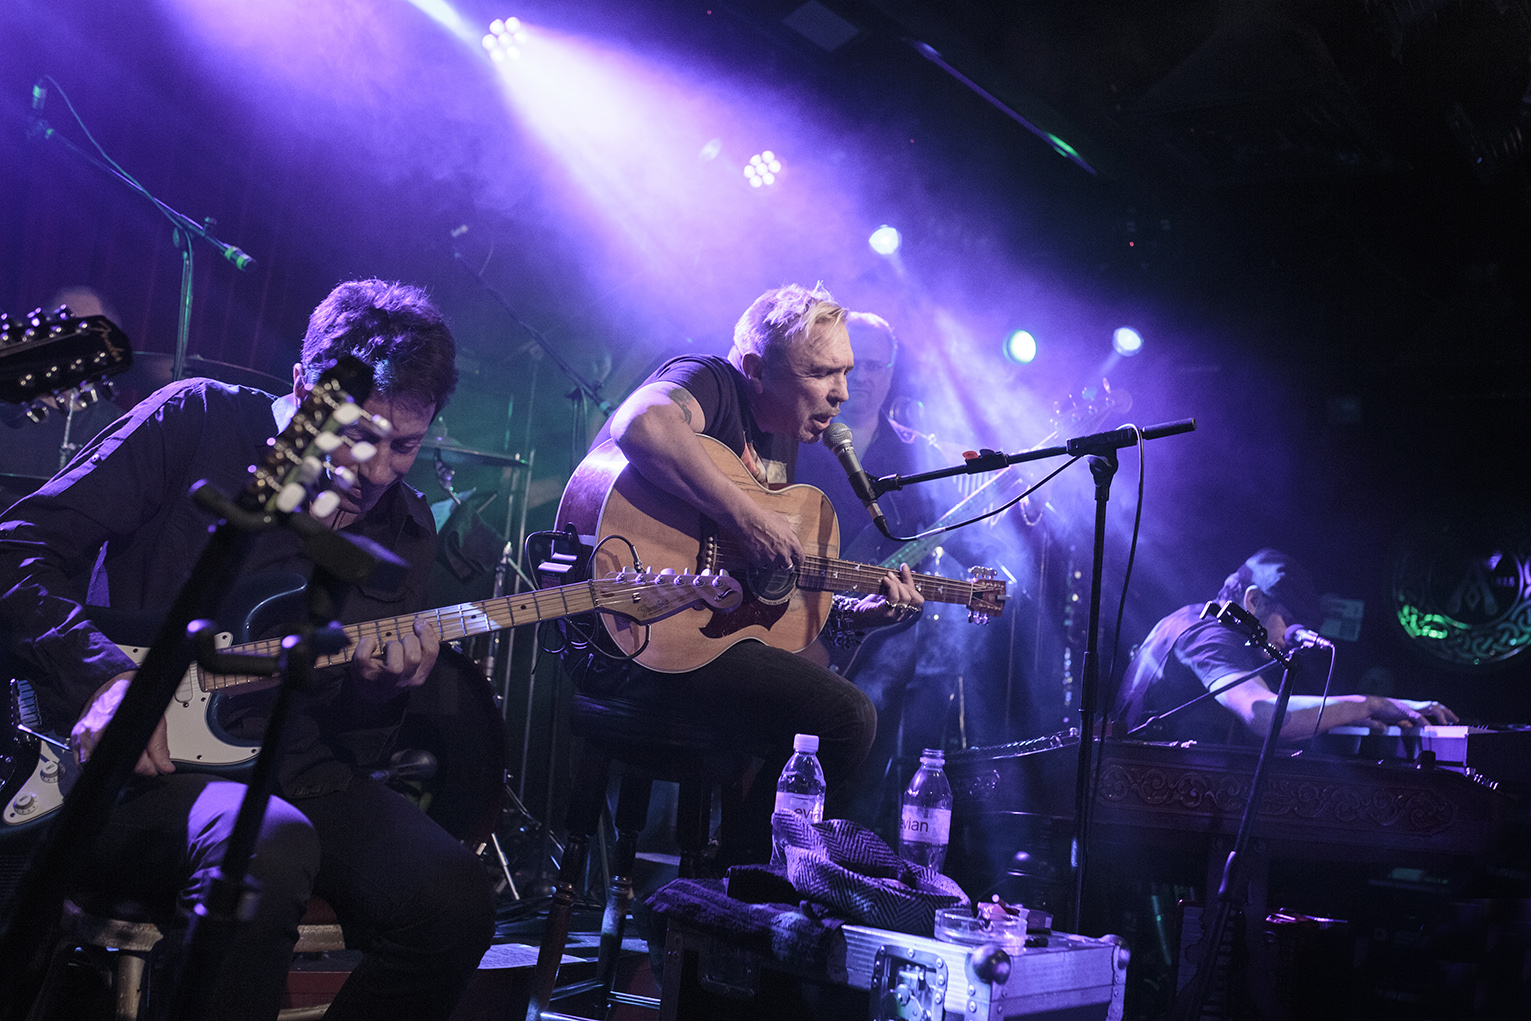 Фото Гарик Сукачев, Праздничный концерт. Только хиты.